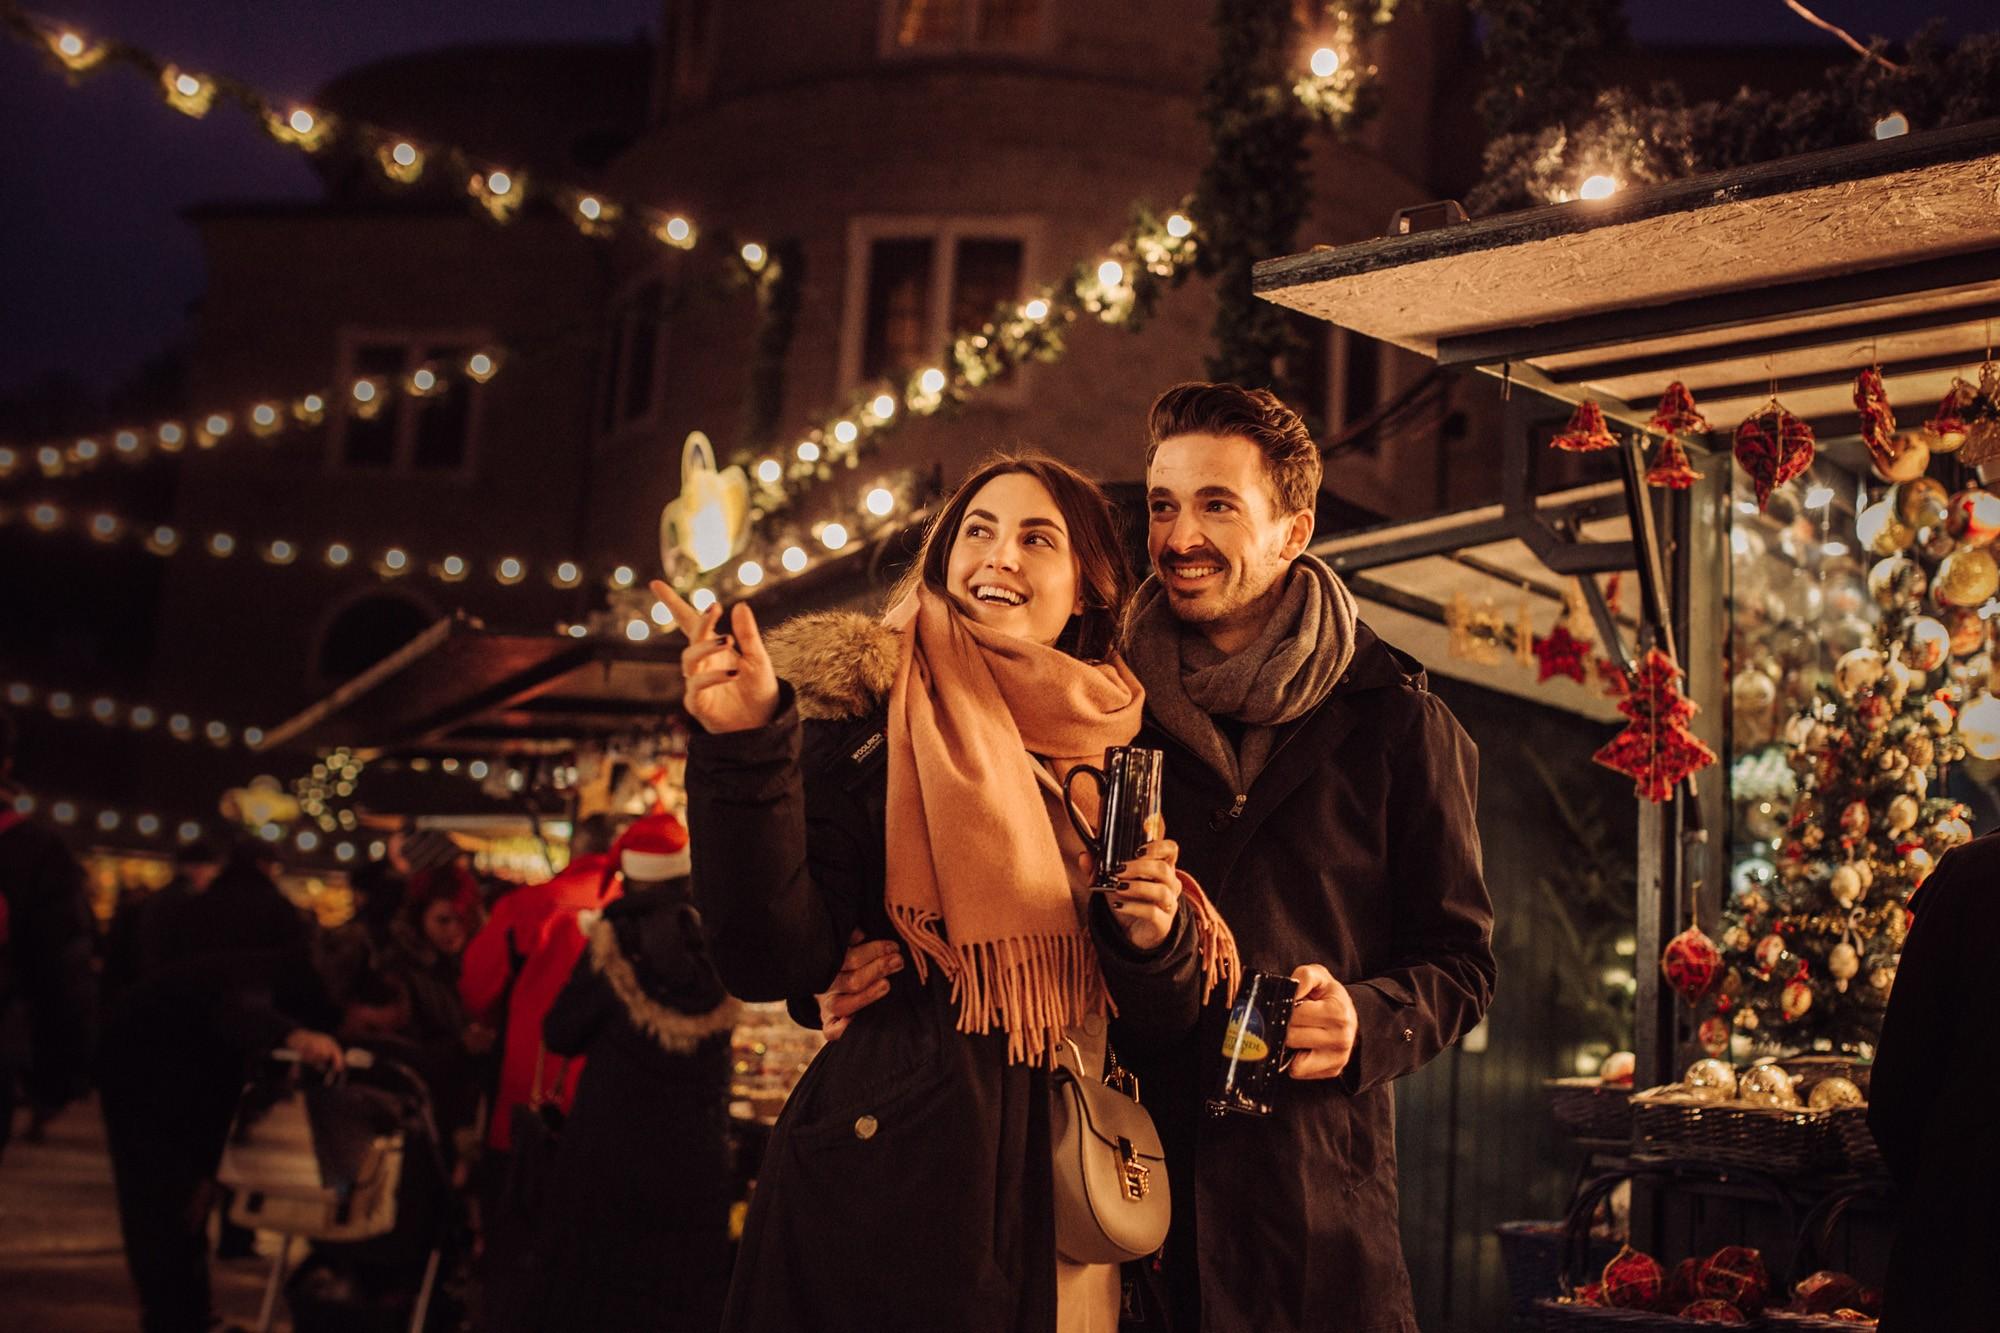 Weihnachtsmarkt, Nachtstimmung, Pärchen, Lichterketten